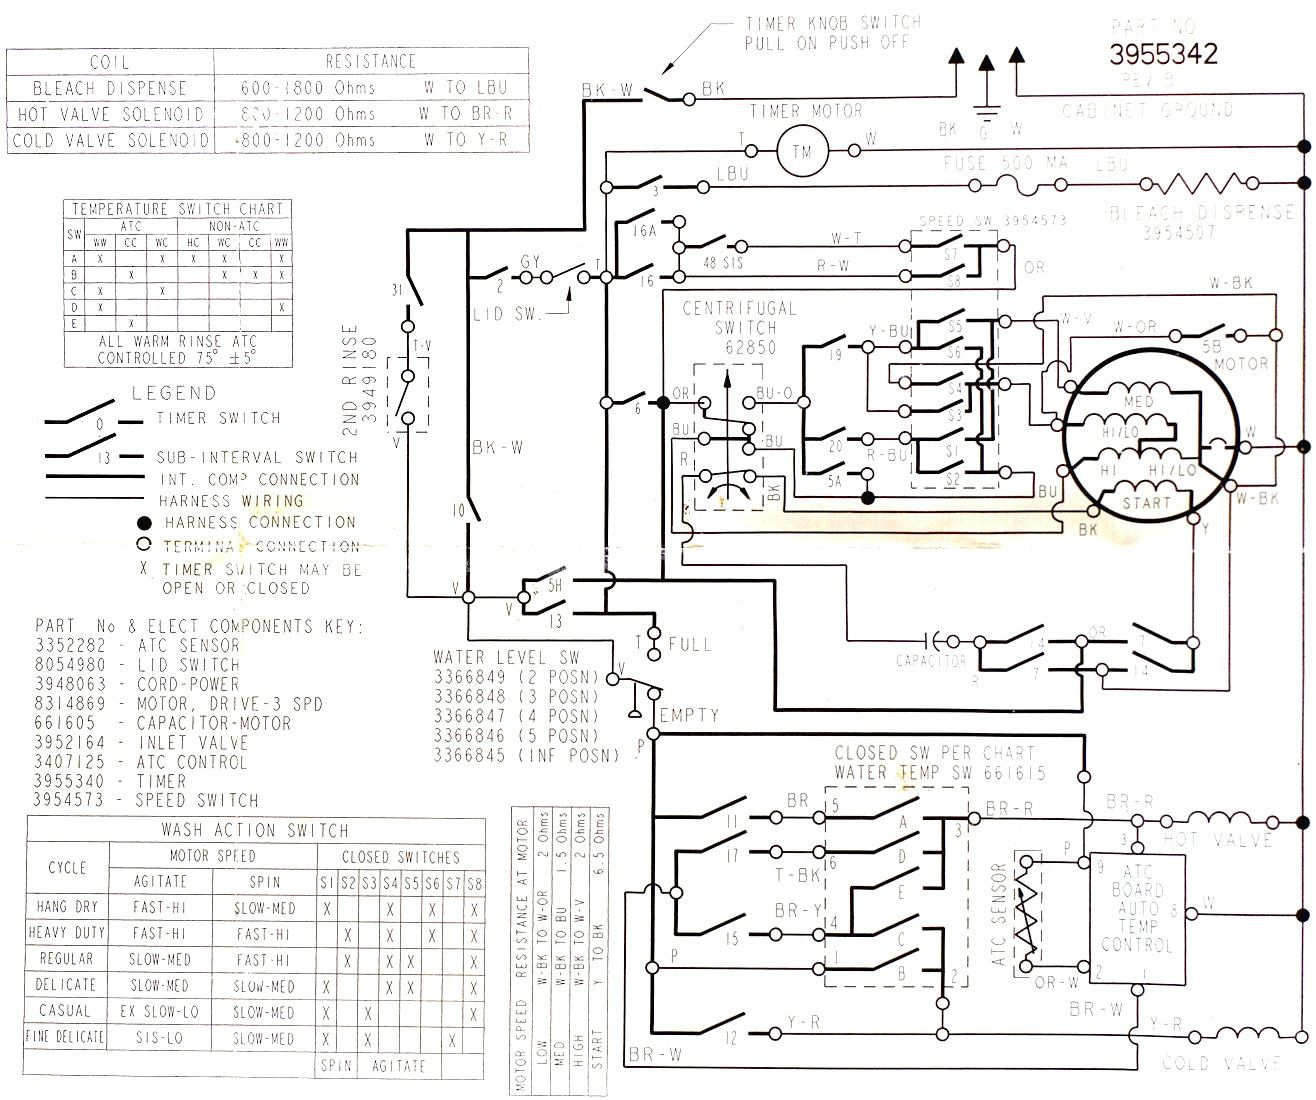 16 Great Ideas Of Wiring Diagram Of Washing Machine References Https Bacamajalah Com 16 Gre Whirlpool Washing Machine Washing Machine Motor Washing Machine